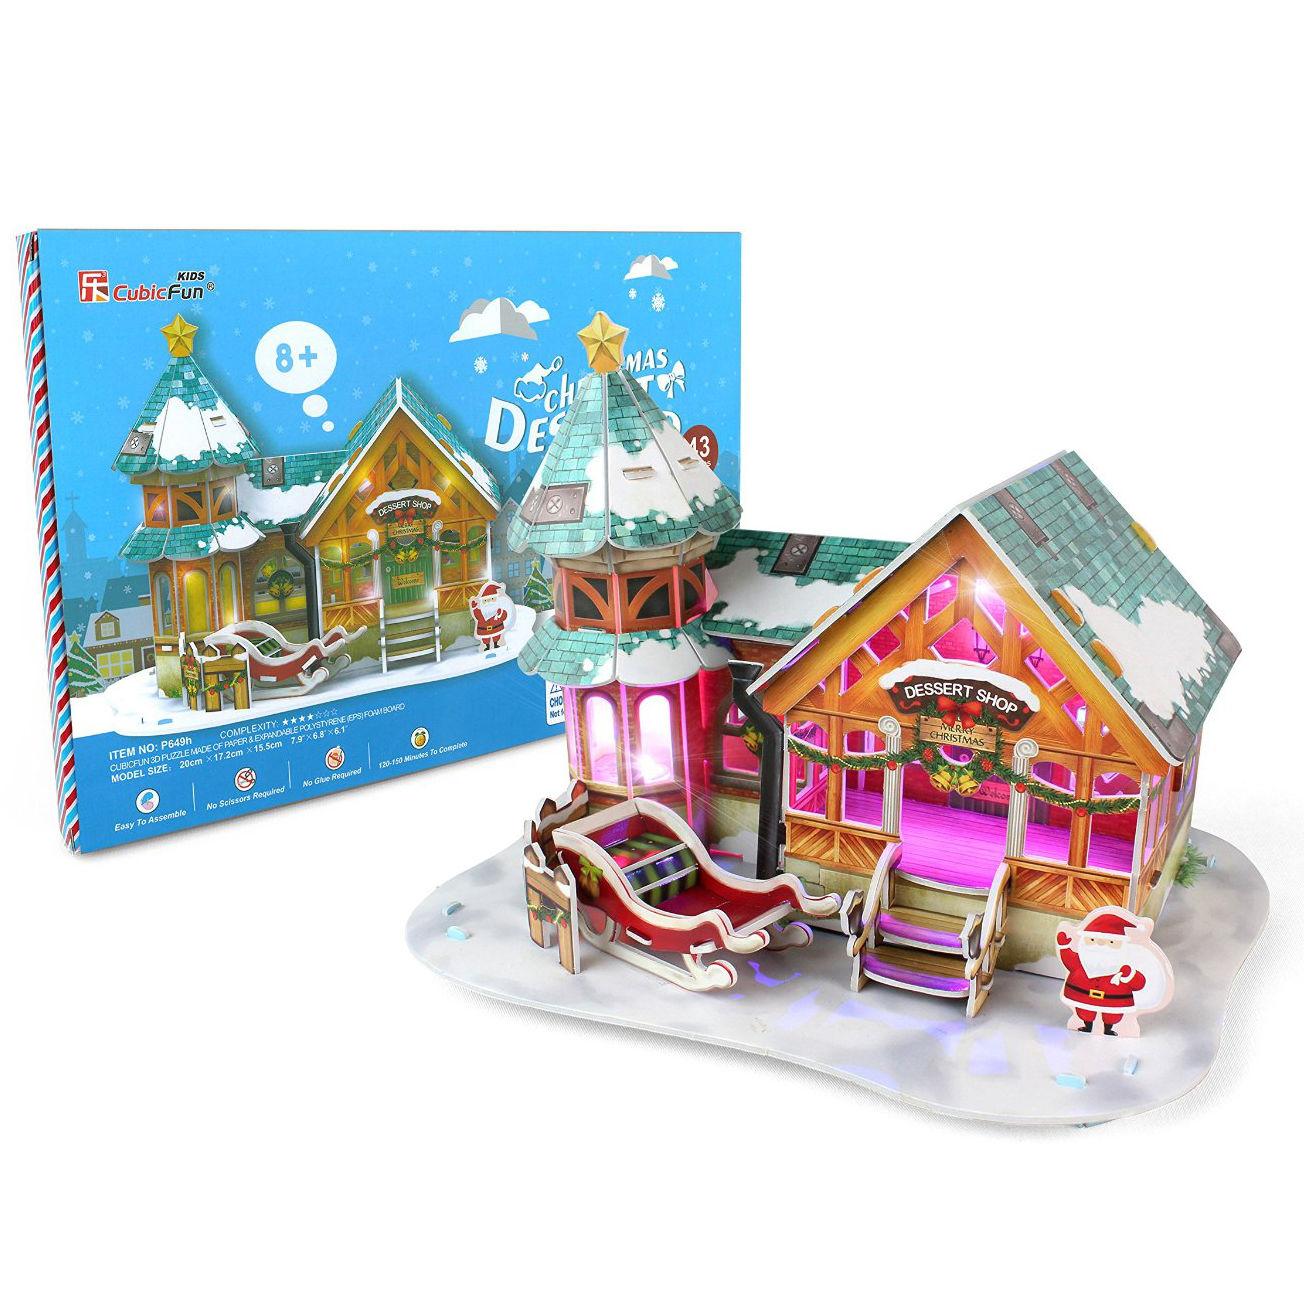 3D-пазл с подсветкой - Рождественский домик, 43 деталиПазлы объёмные 3D<br>3D-пазл с подсветкой - Рождественский домик, 43 детали<br>